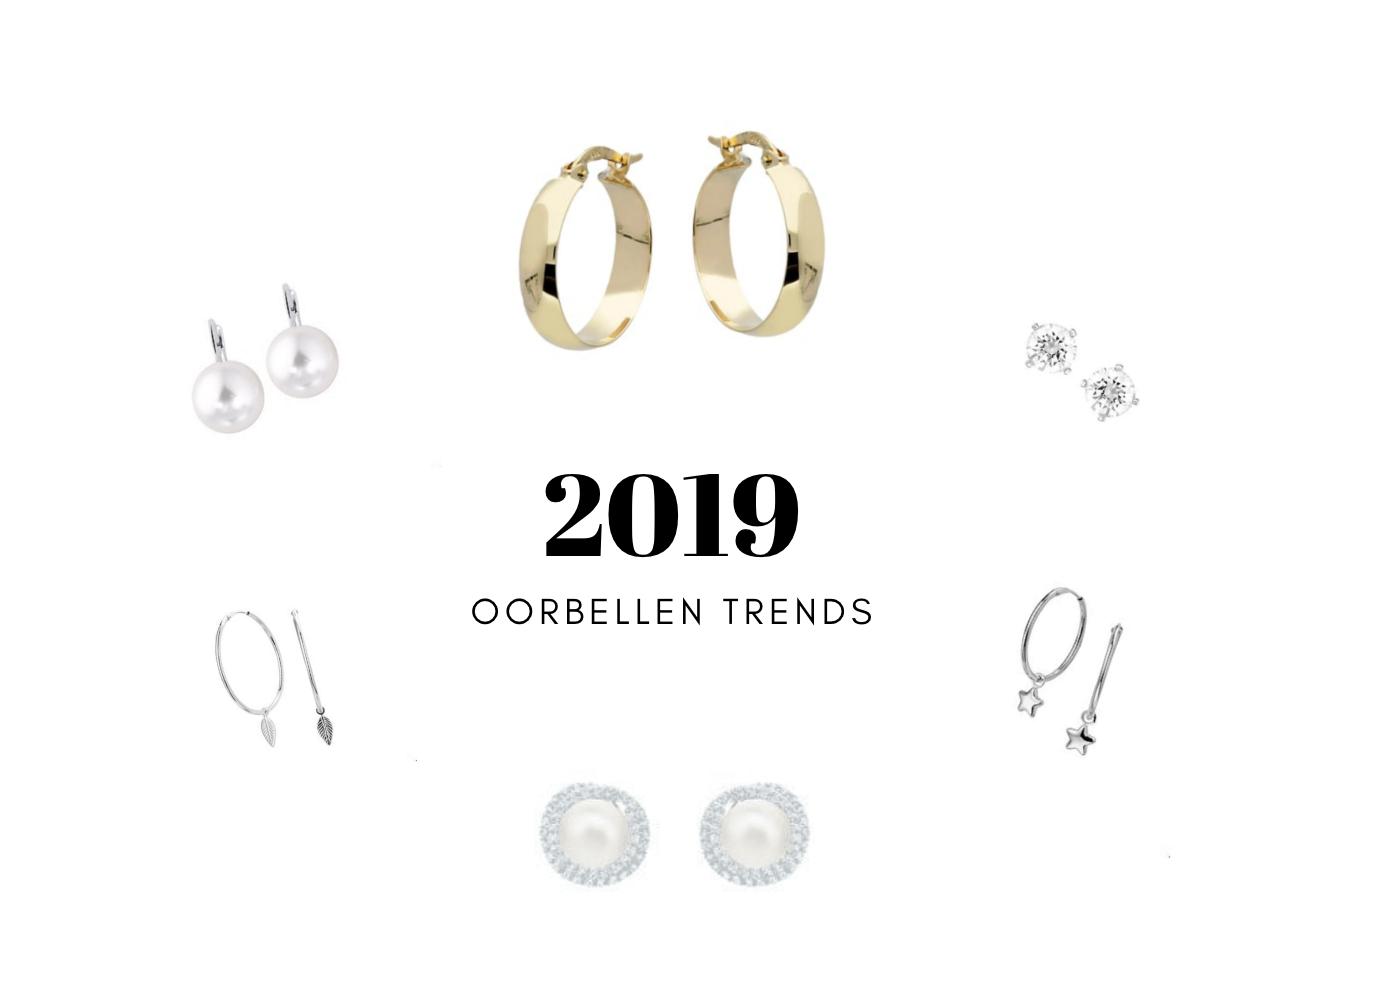 oorbellen trends 2019